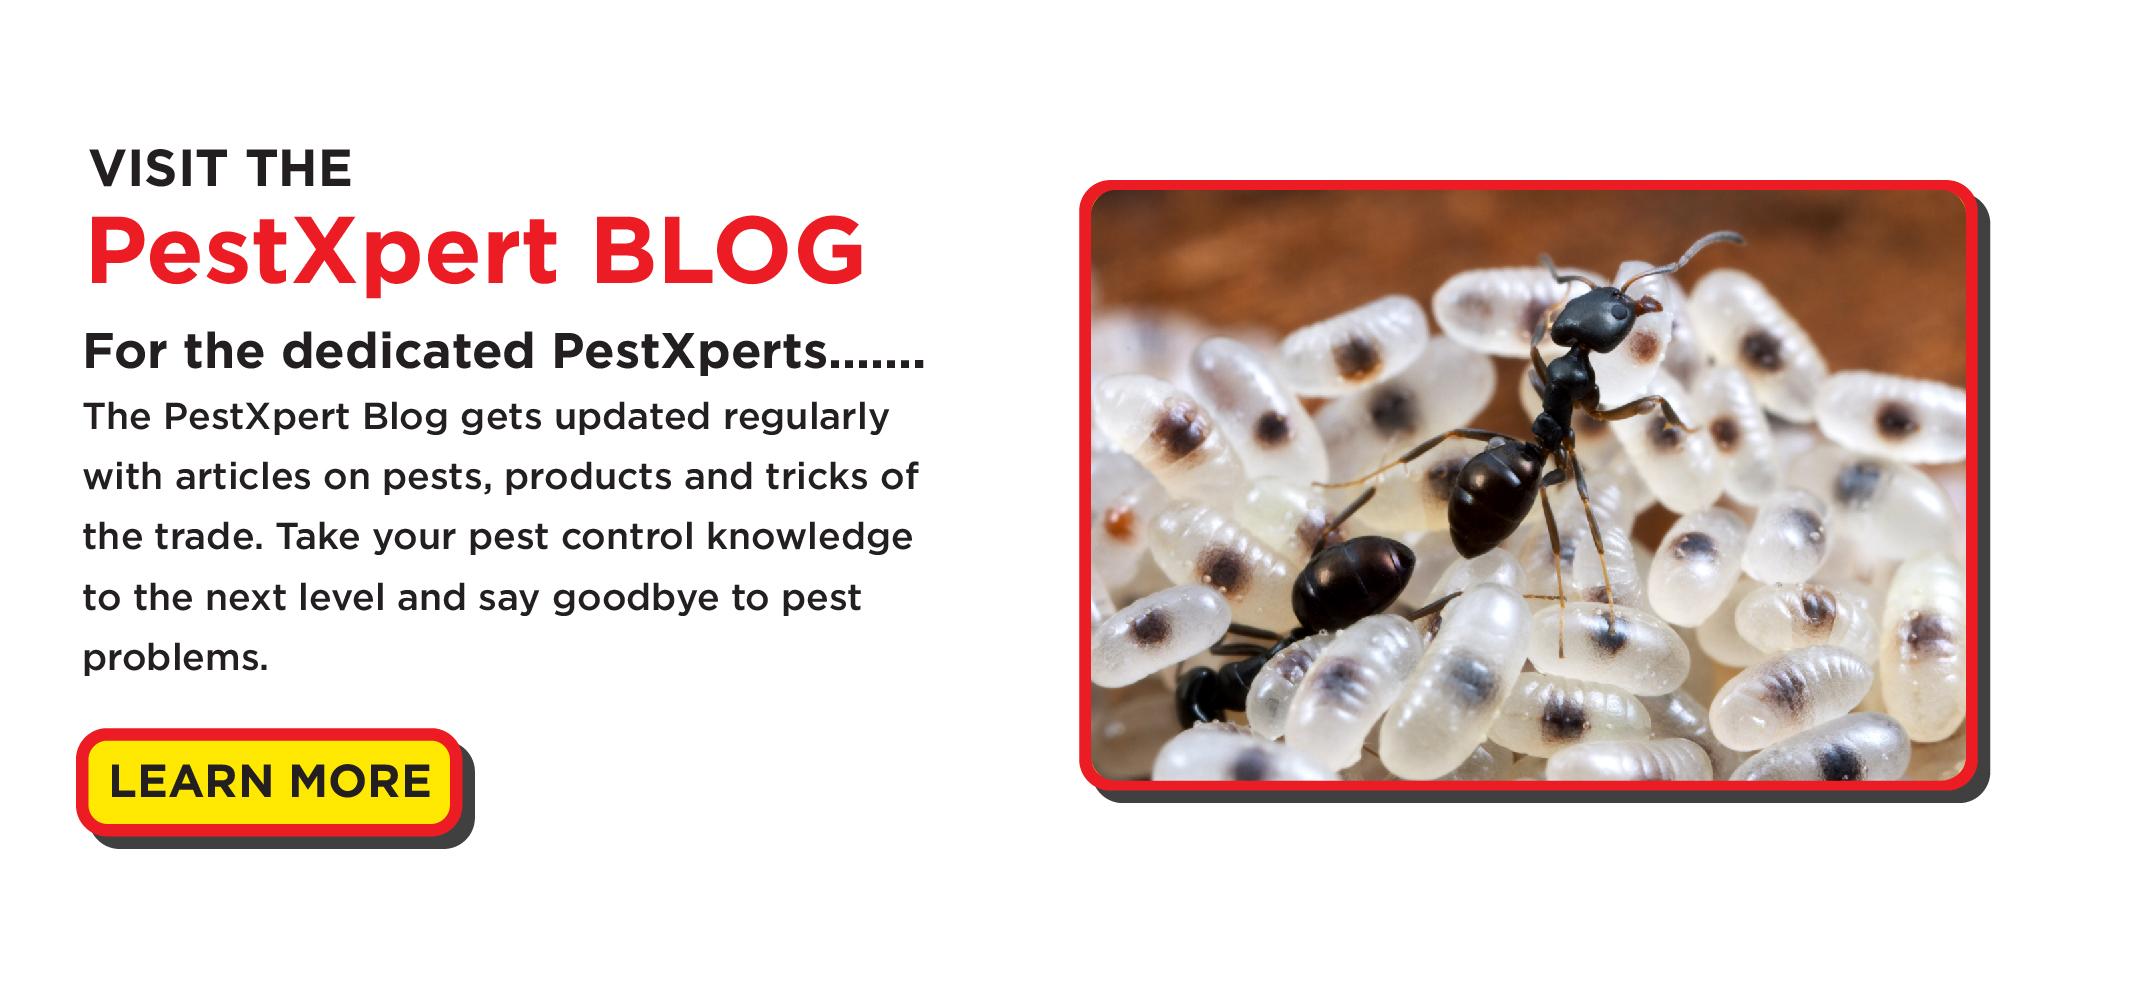 PestXpert Blog